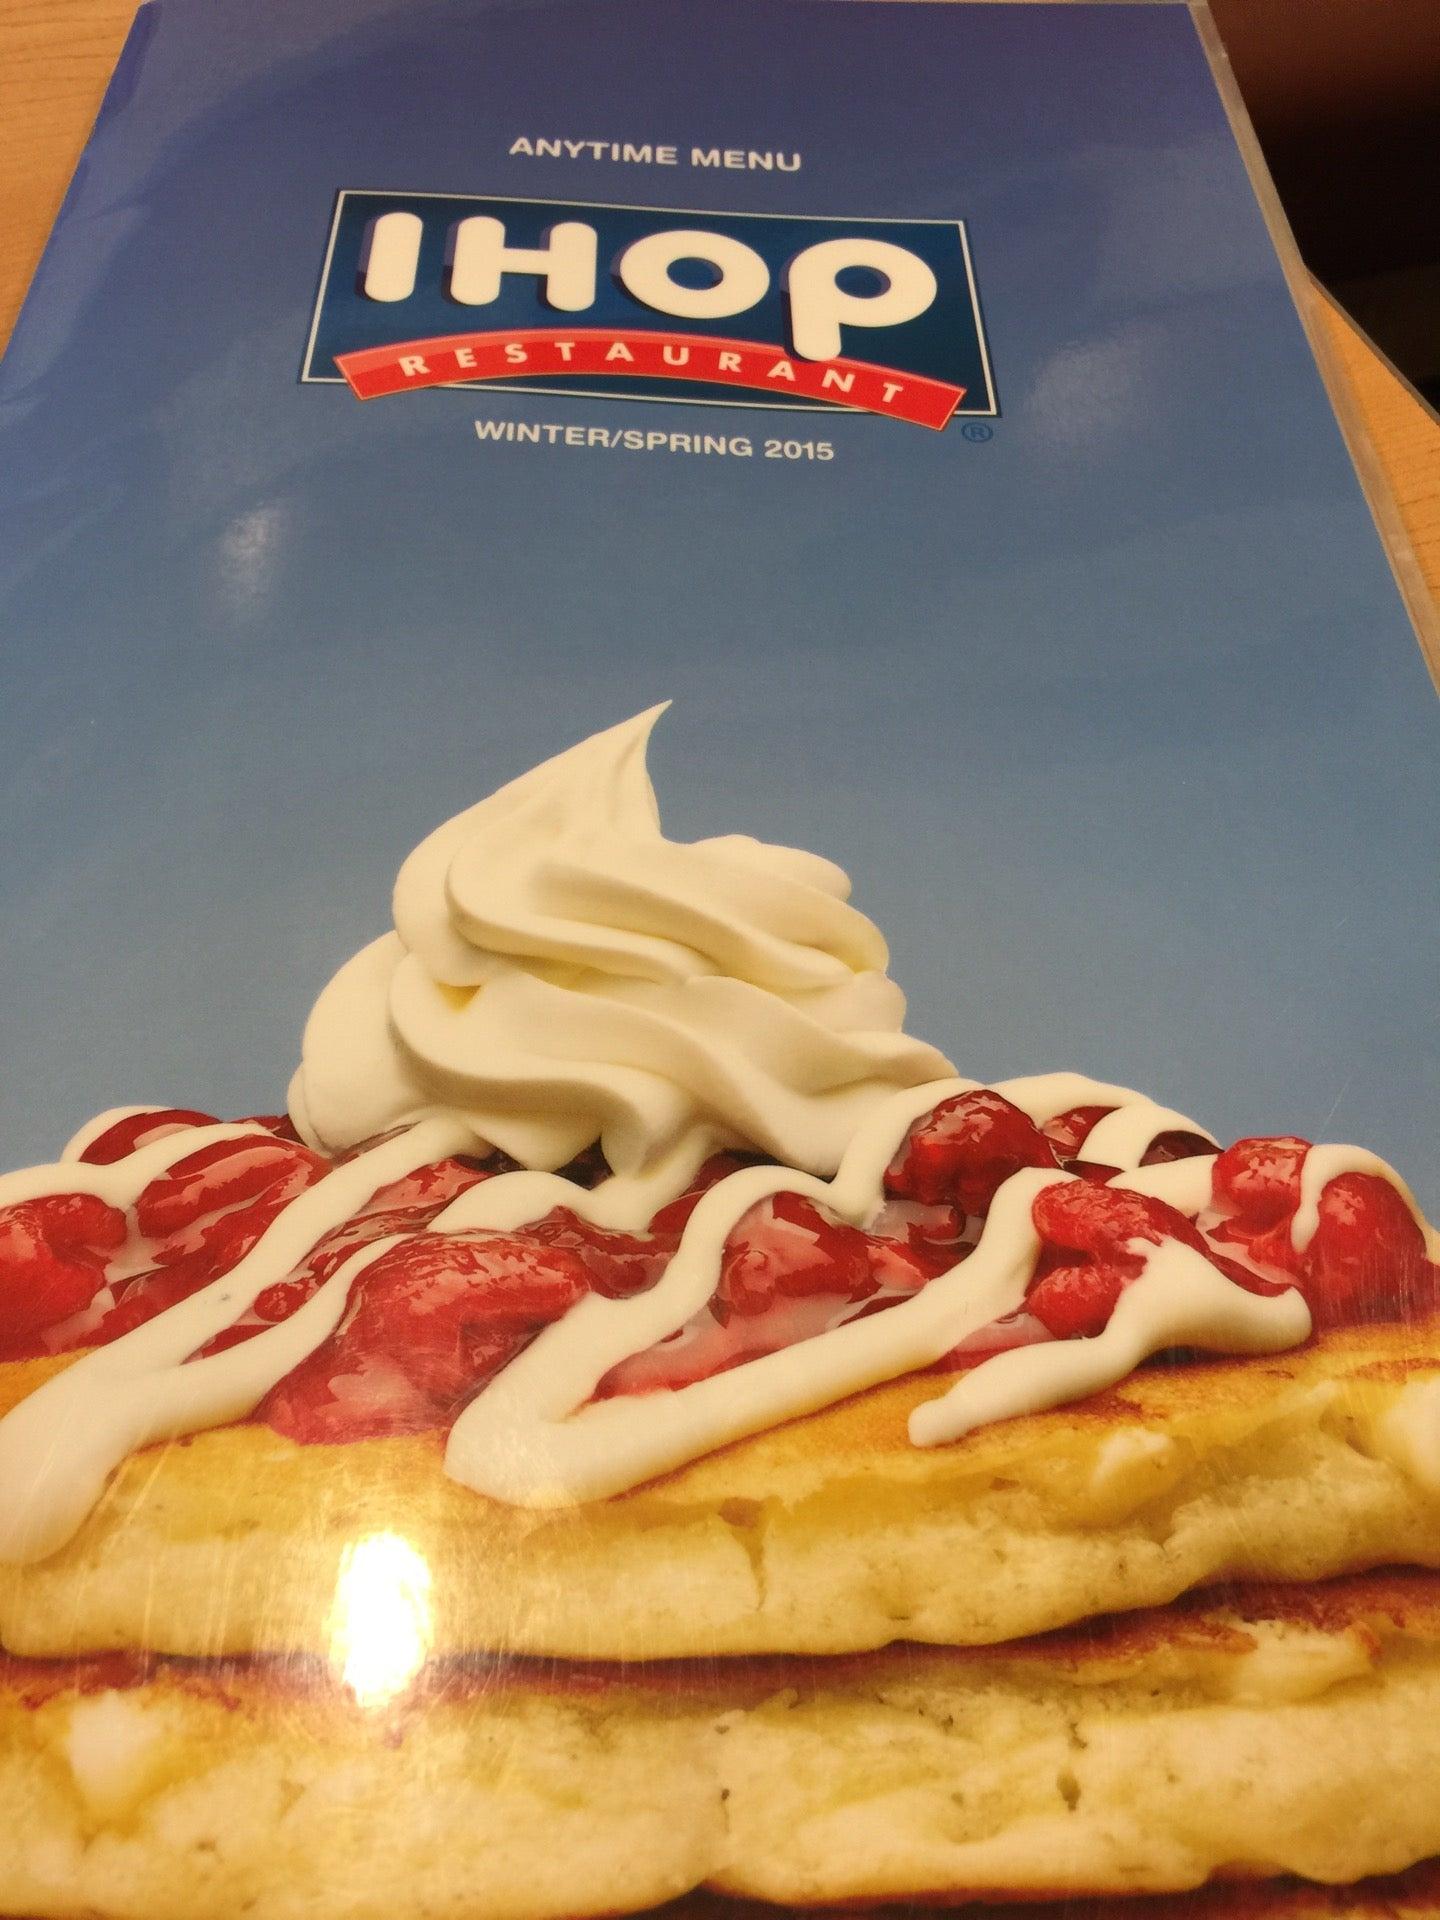 IHOP,24 hour,breakfast,restaurant